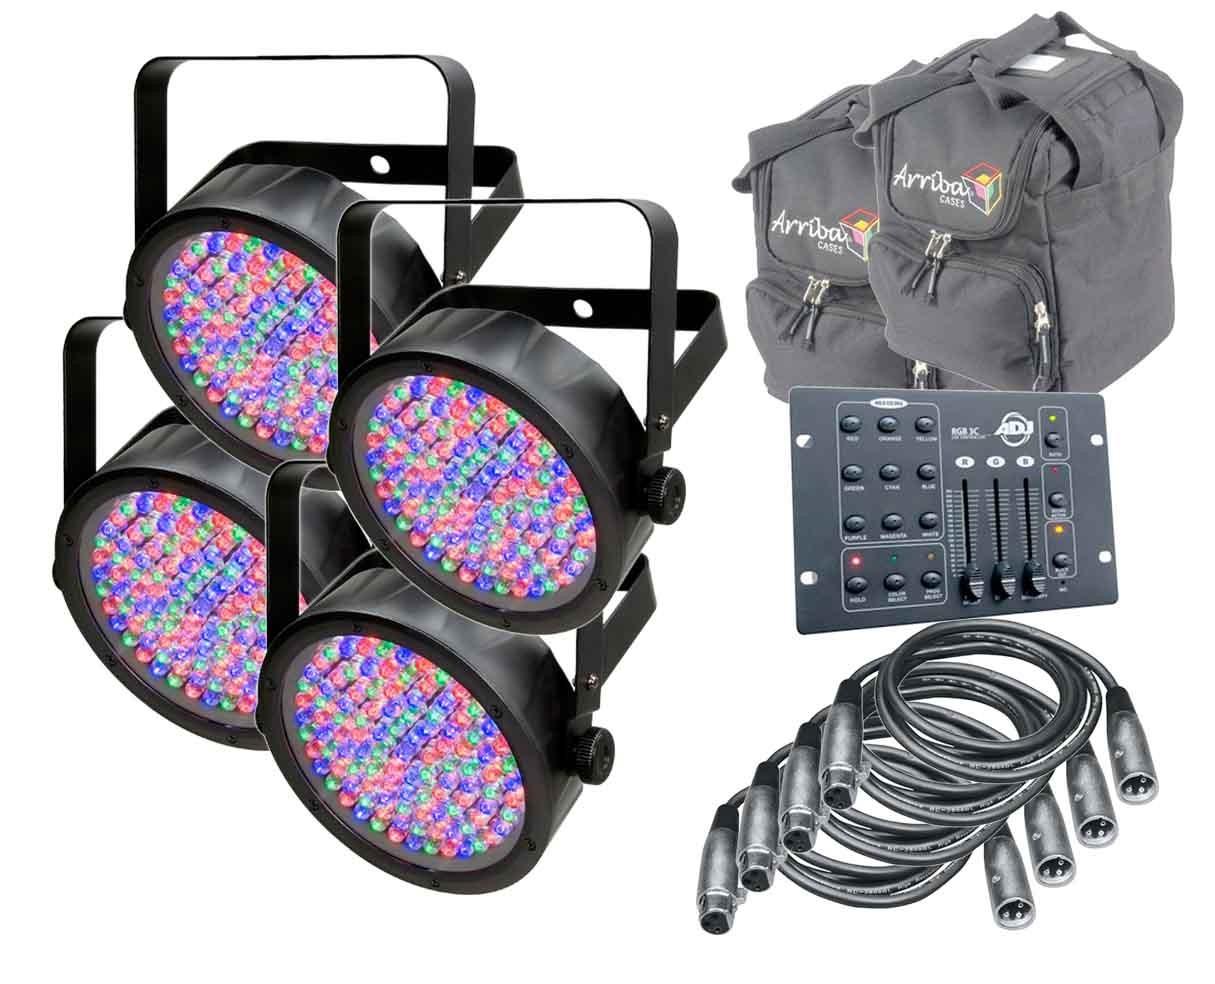 4x Chauvet SlimPAR 56 + RGB3CIR + Arriba Cases AC115 + 4 DMX Cables